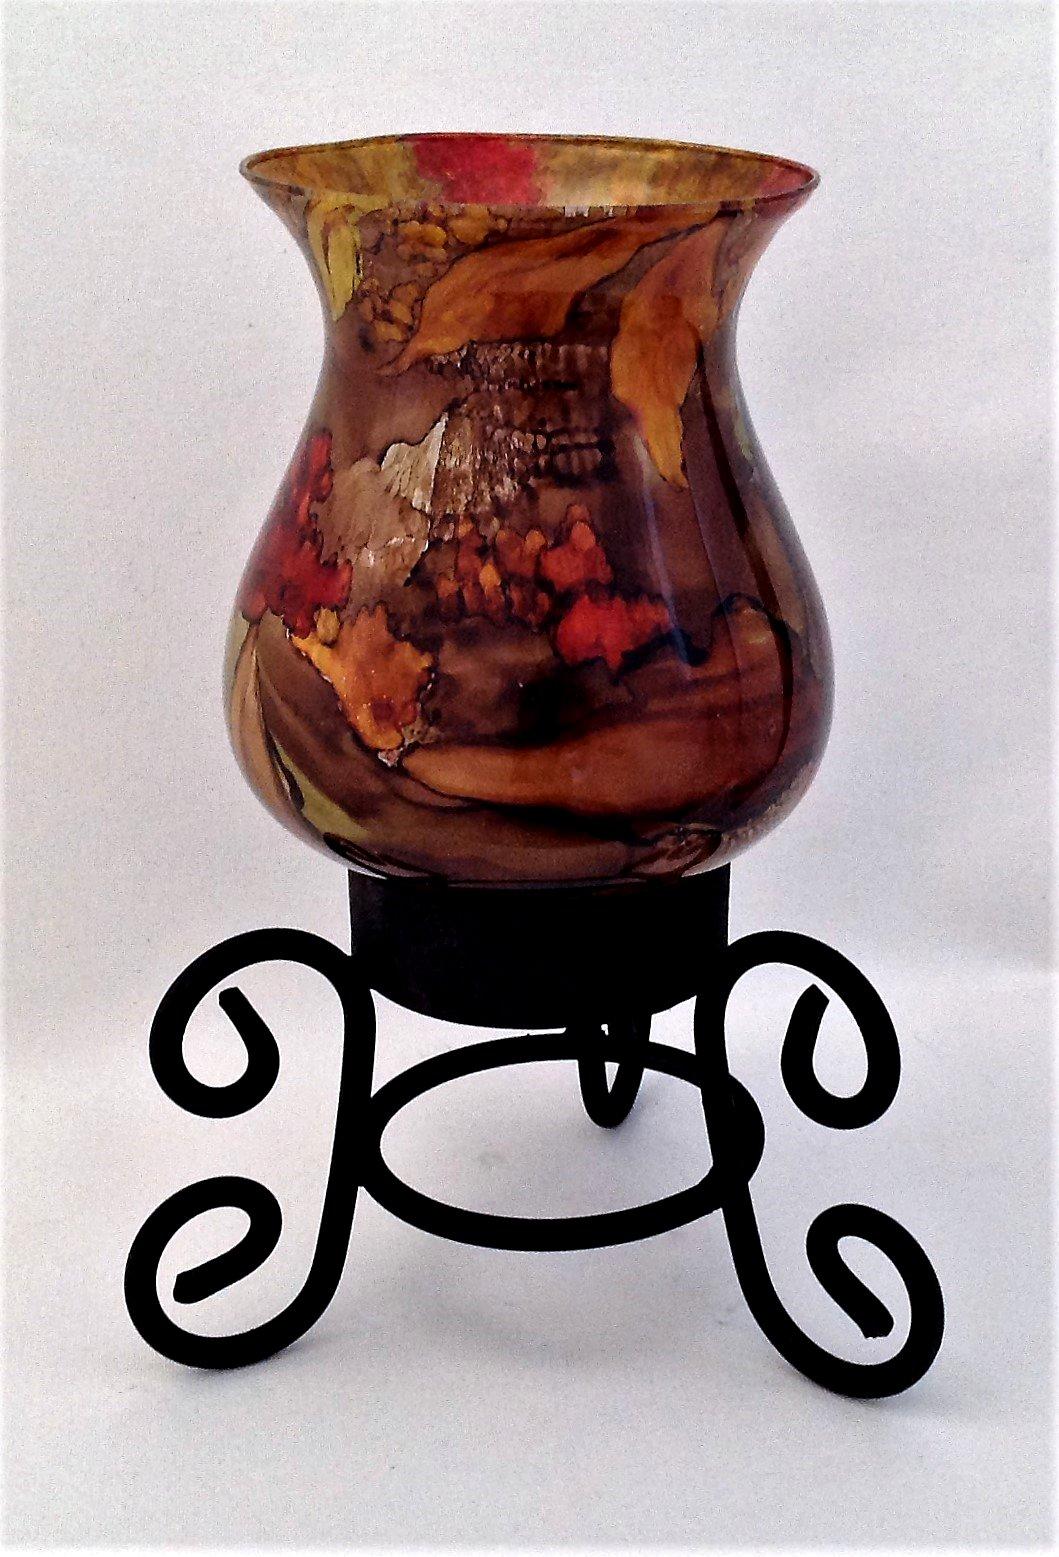 Claret Cup Cactus (3)